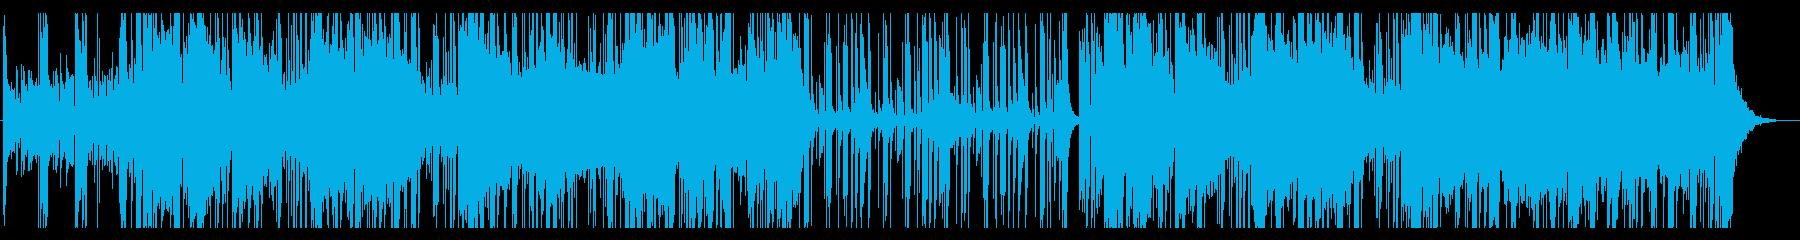 夜に合うクールなエレクトロ・フュージョンの再生済みの波形